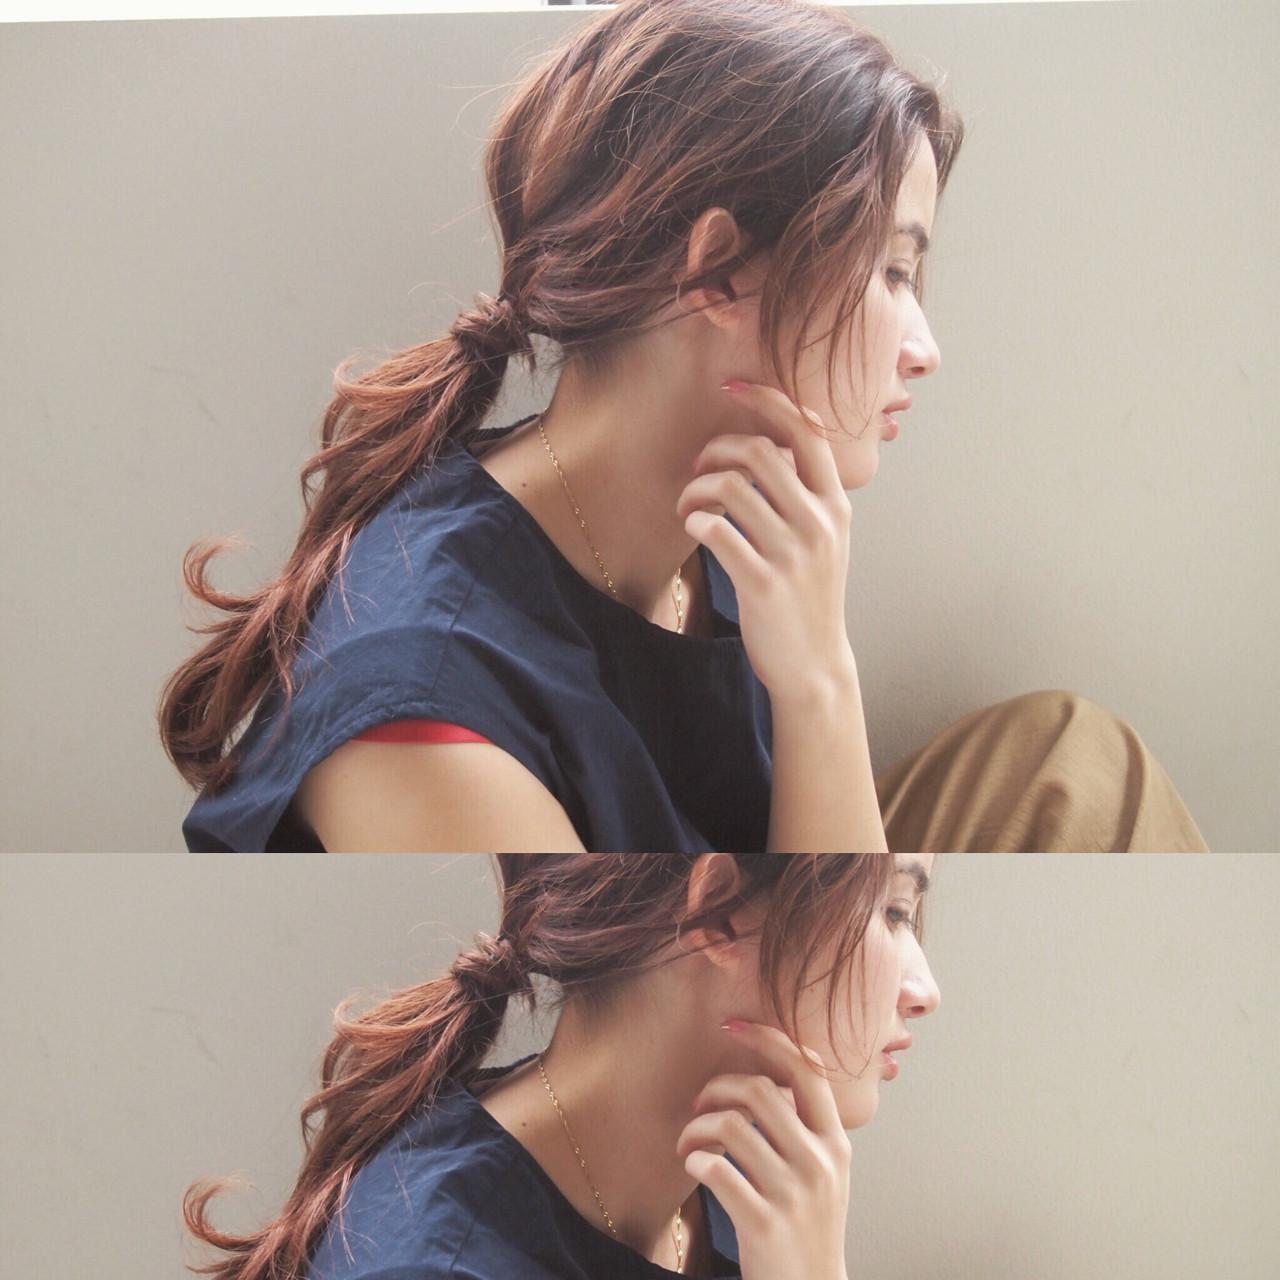 セミロング 外国人風 ベージュ ショート ヘアスタイルや髪型の写真・画像